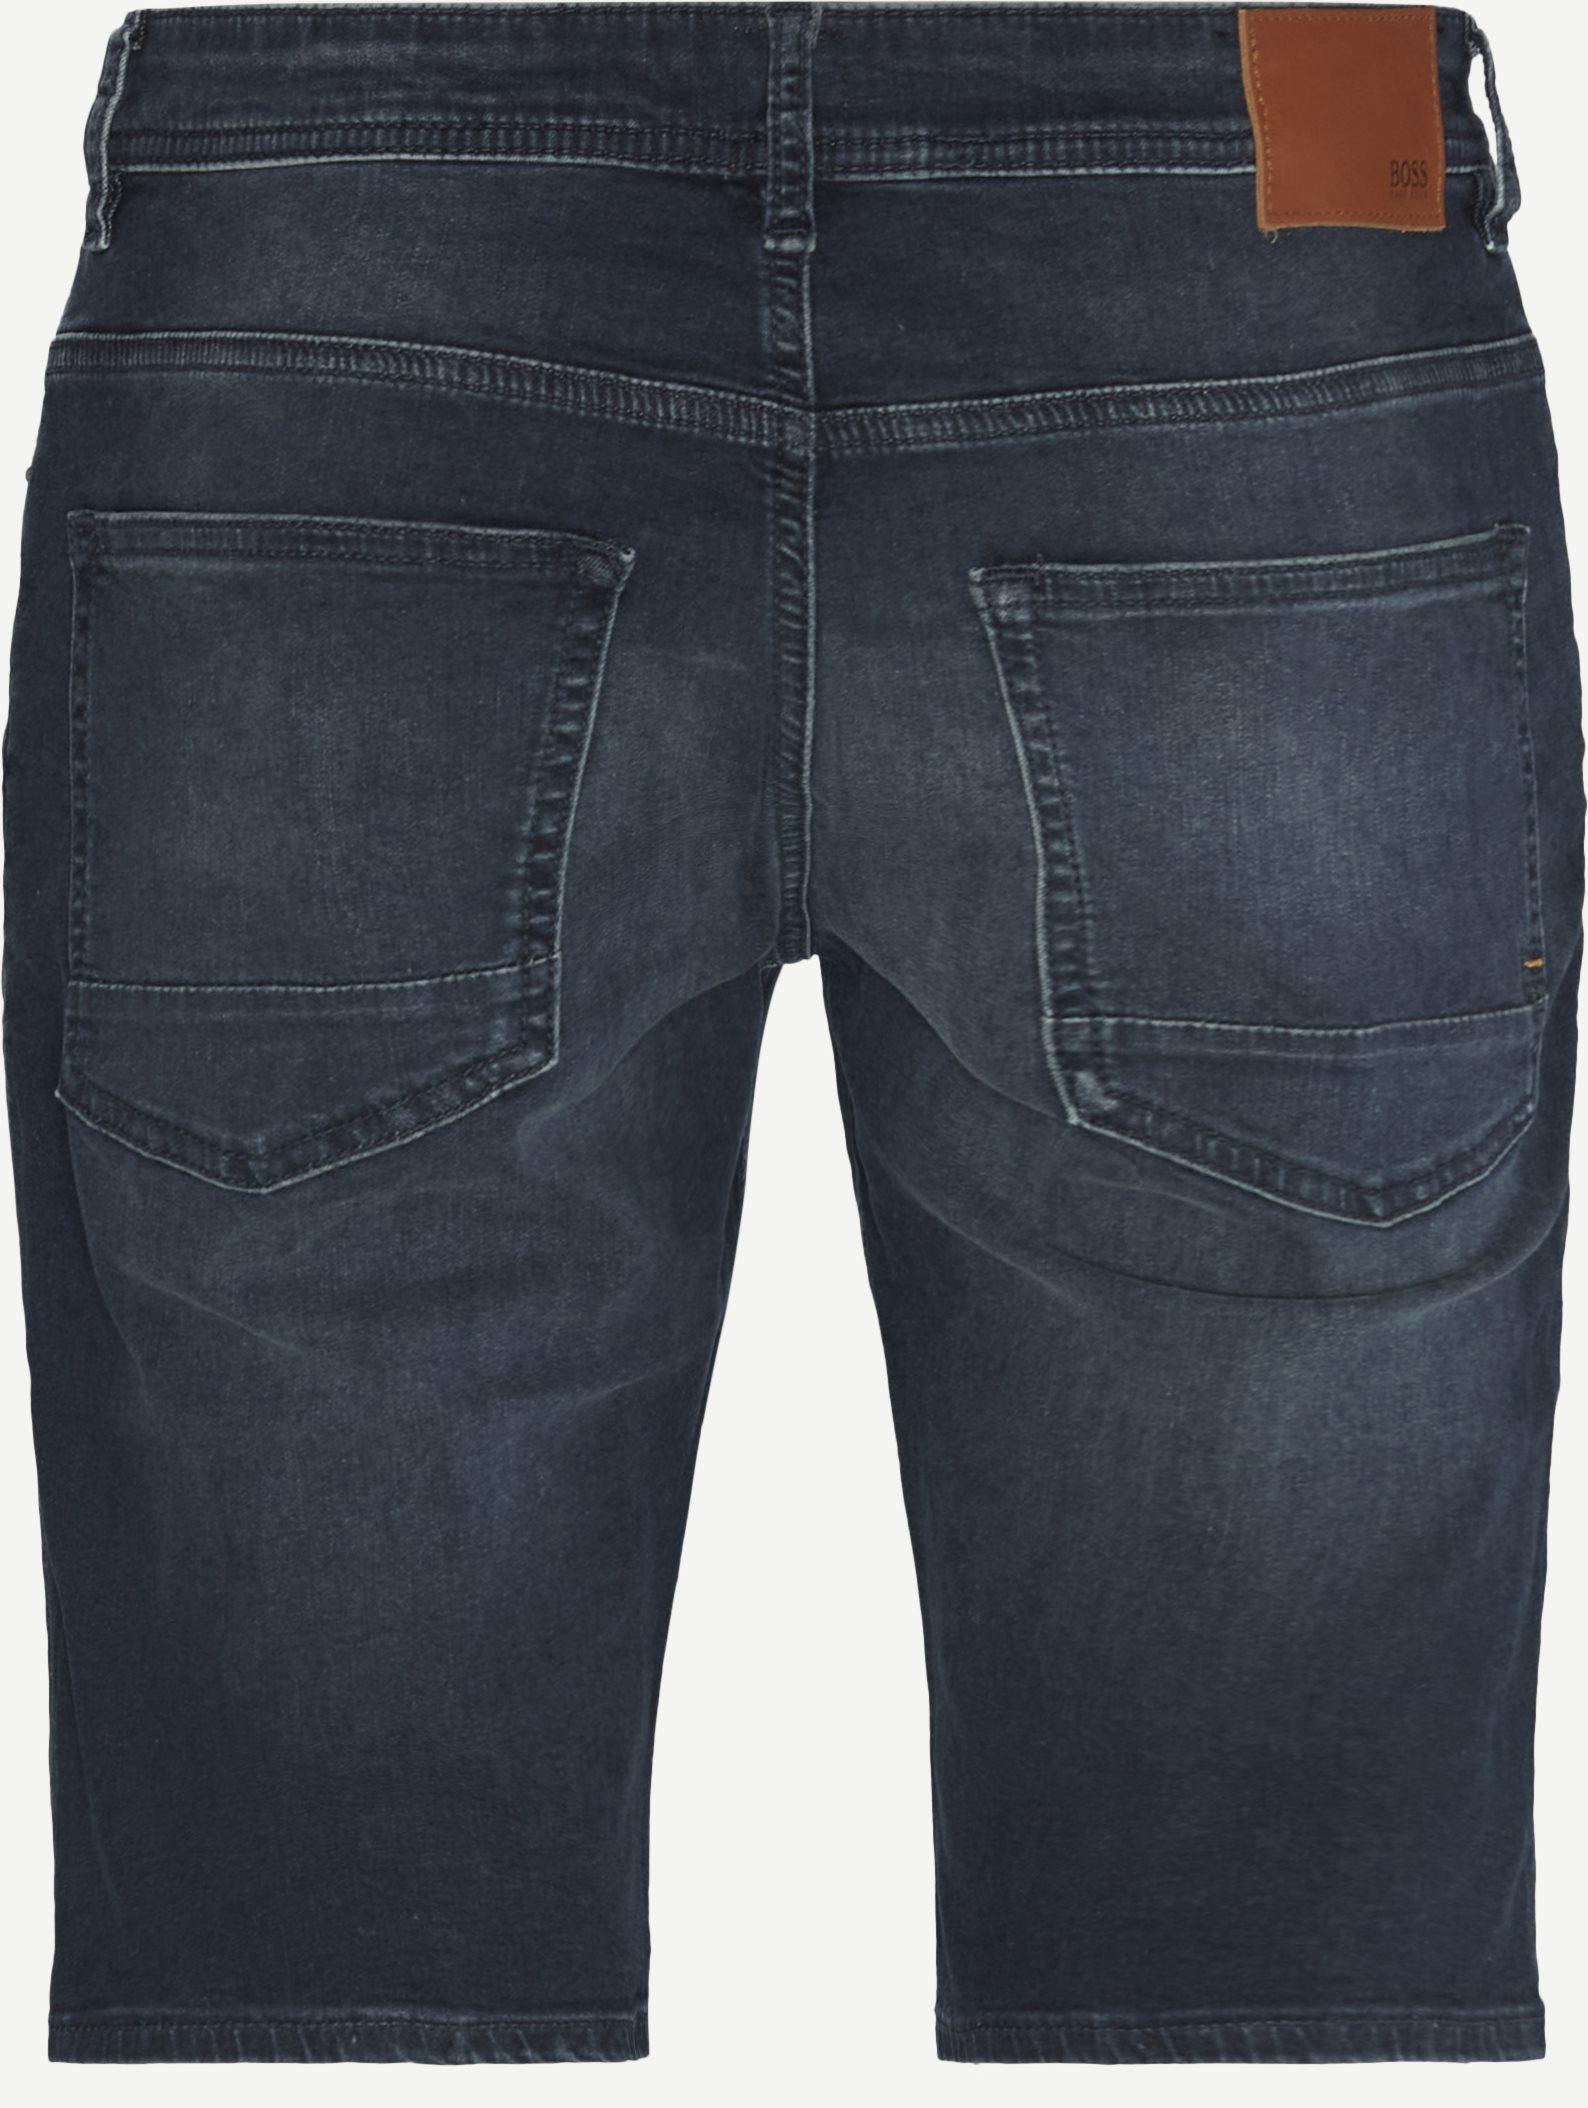 Shorts - Jeans-Blau